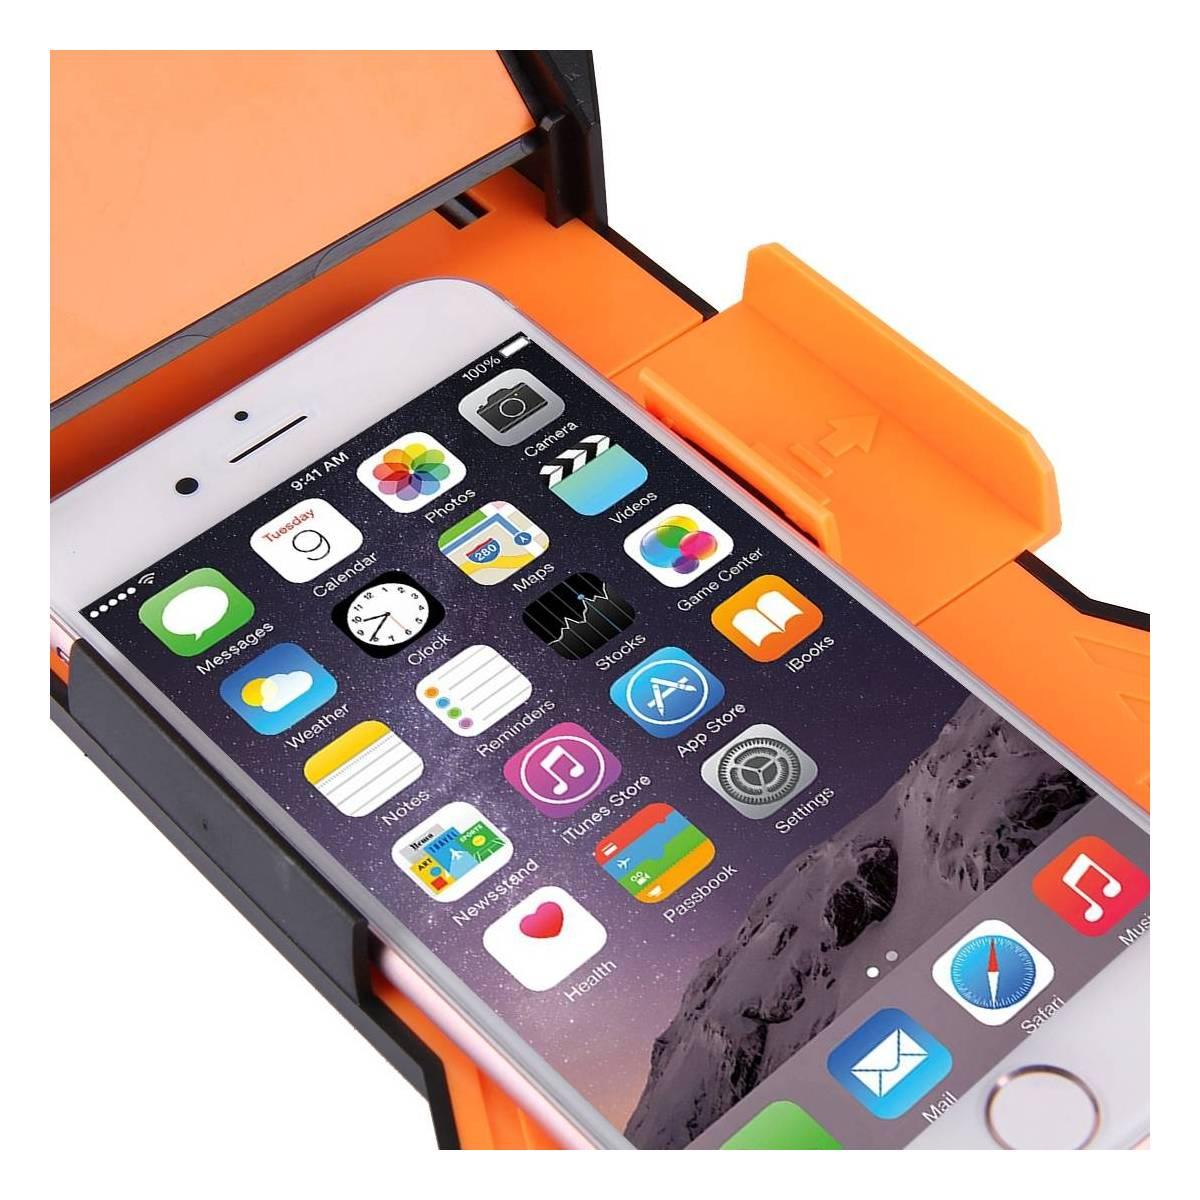 IPhone 6 reparation, f repareret din skrm glas hurtig med livsgaranti Udskiftning af iPhone -batteri Officiel Apple-support Priser p service Apple-support